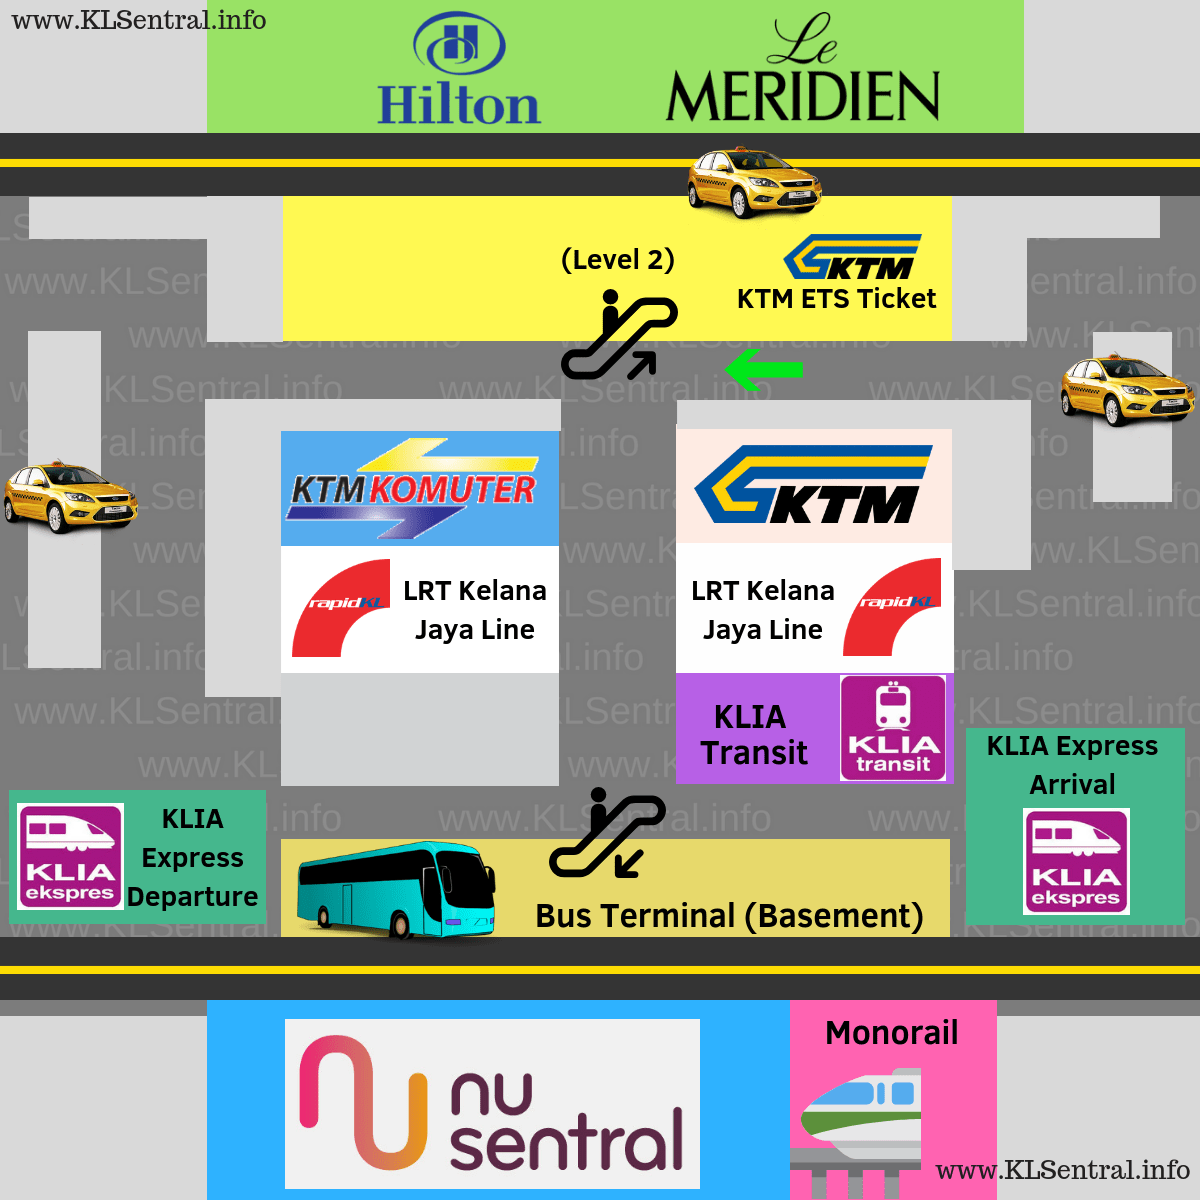 KL Sentral Station Map